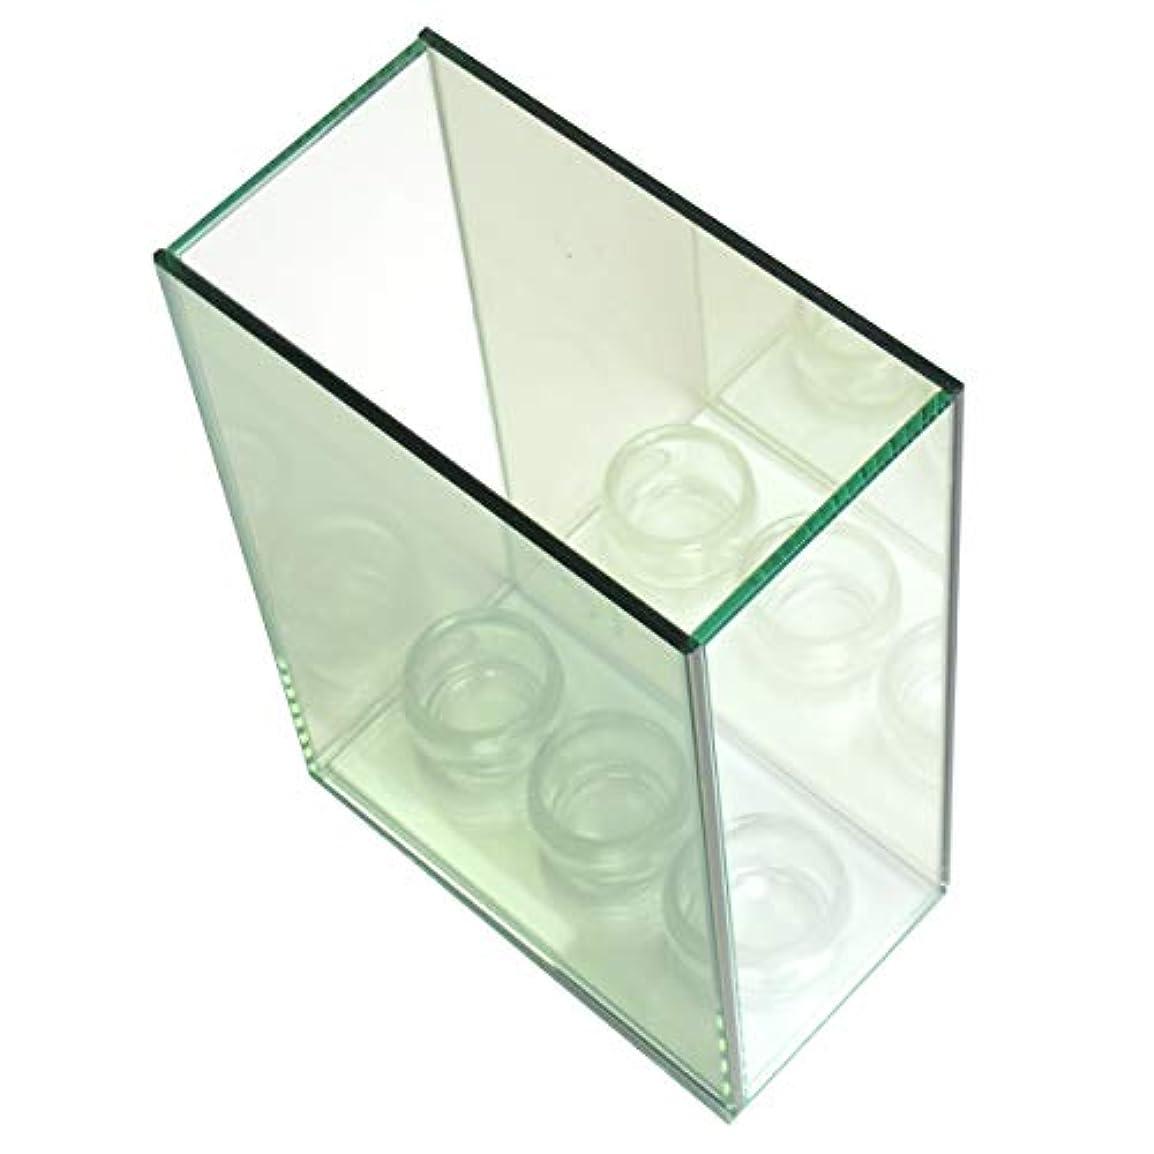 ボタン傾向浜辺無限連鎖キャンドルホルダー 3連 ガラス キャンドルスタンド ランタン 誕生日 ティーライトキャンドル